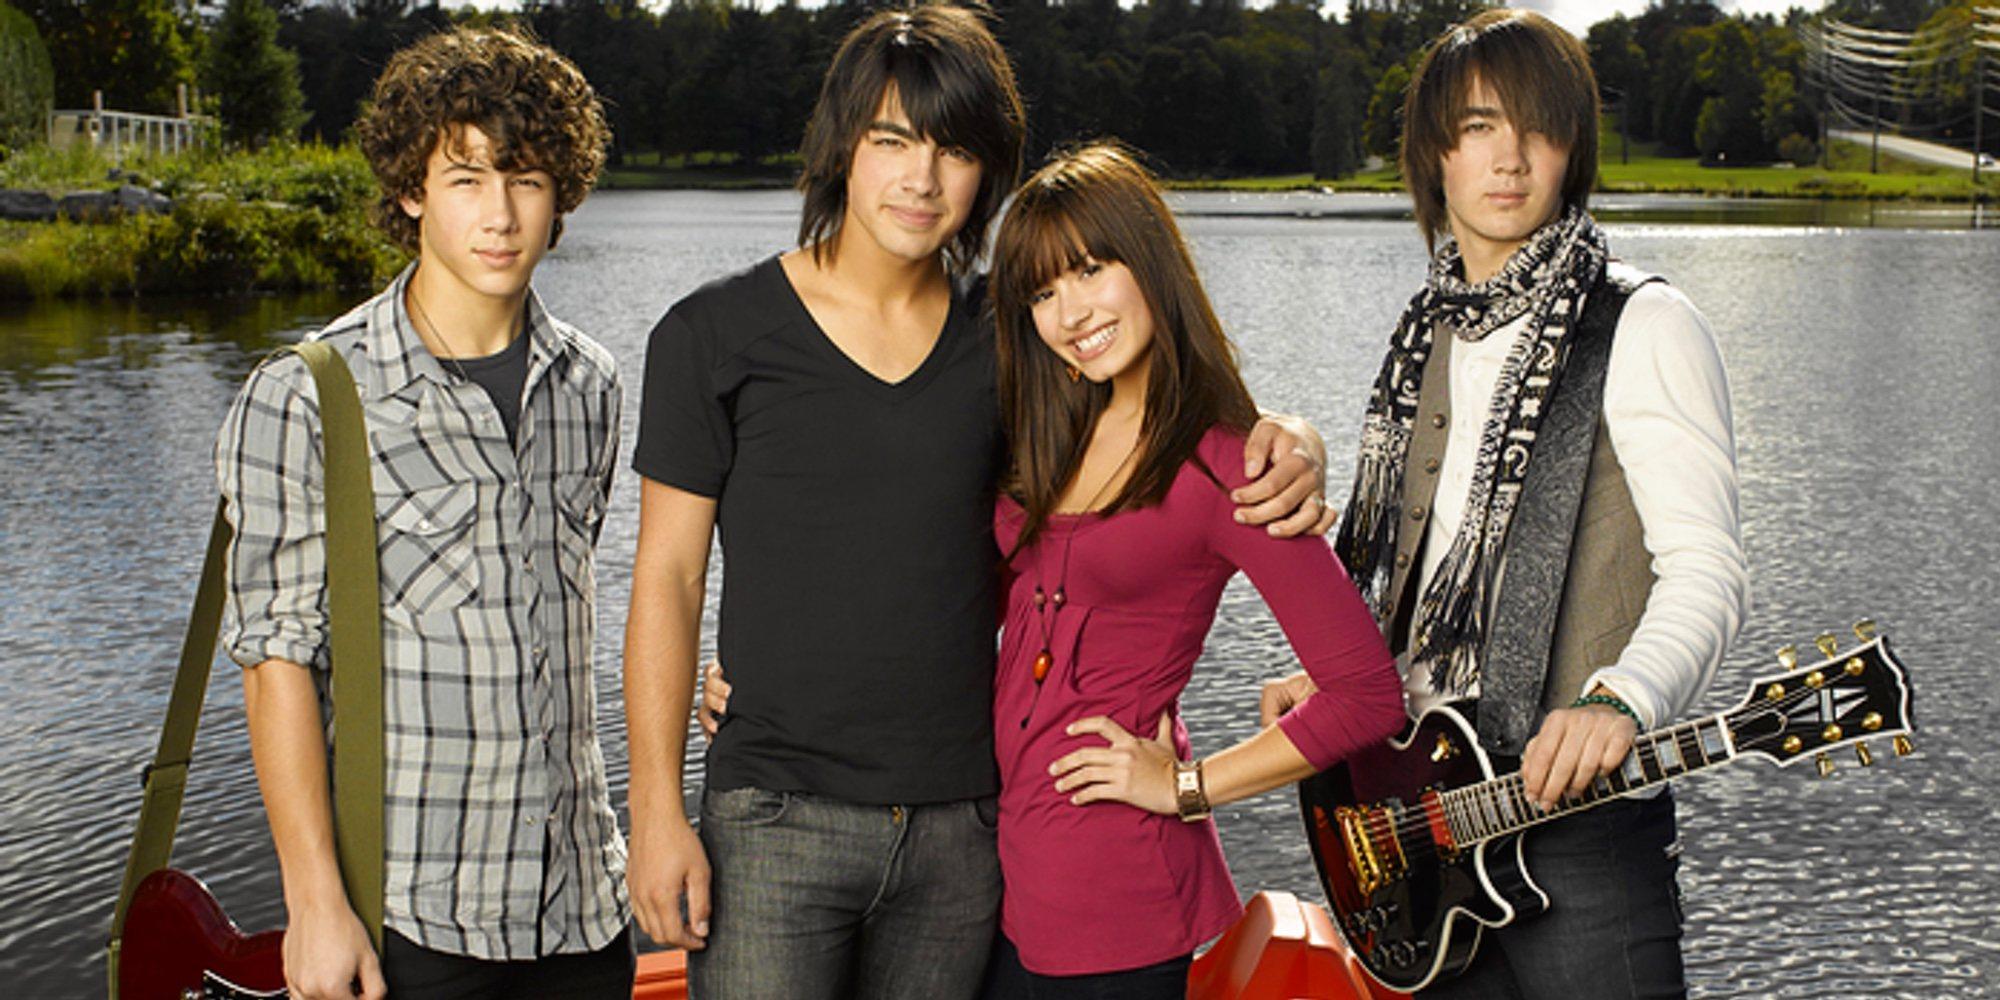 Los 10 momentos más recordados de 'Camp Rock', la película de los Jonas Brothers y Demi Lovato